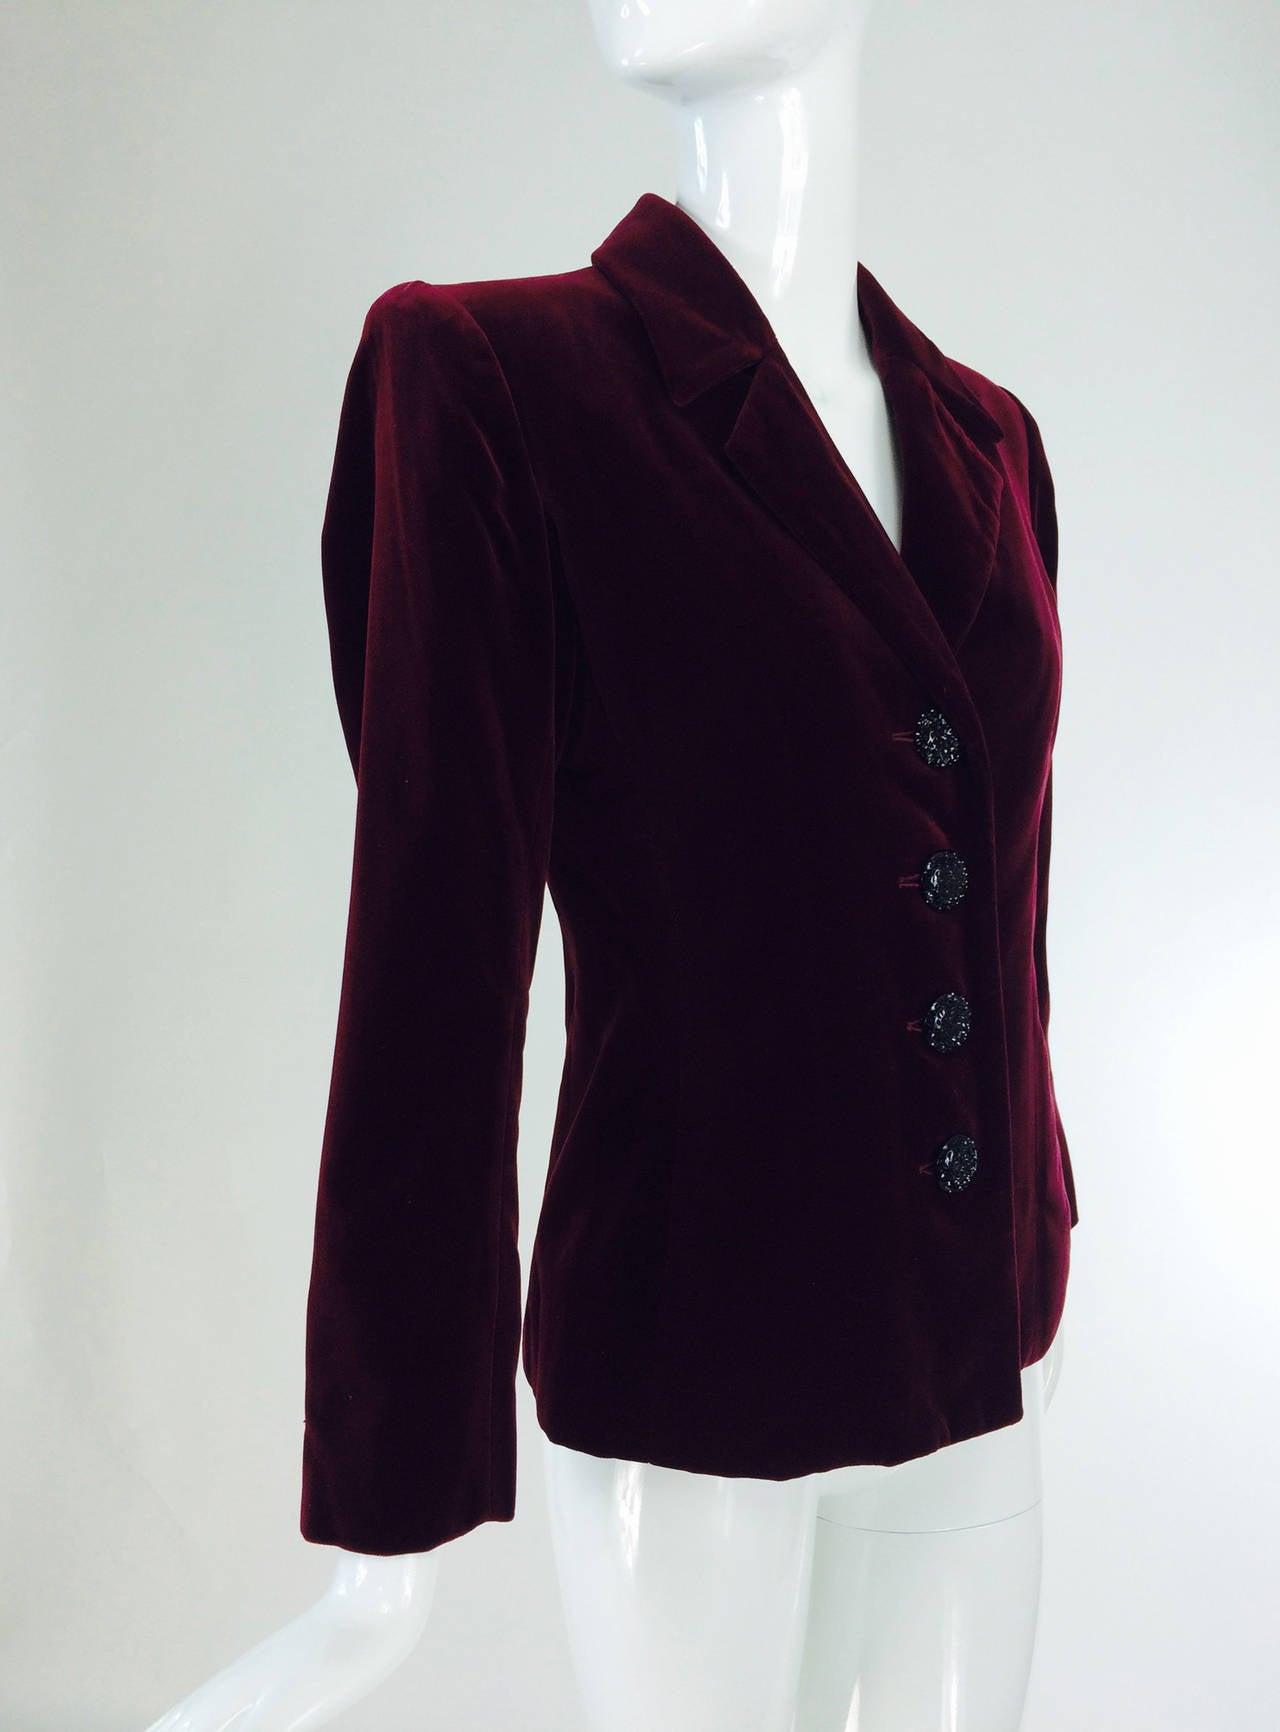 Yves St Laurent Rive Gauche velvet blazer in garnet 1970s YSL 7